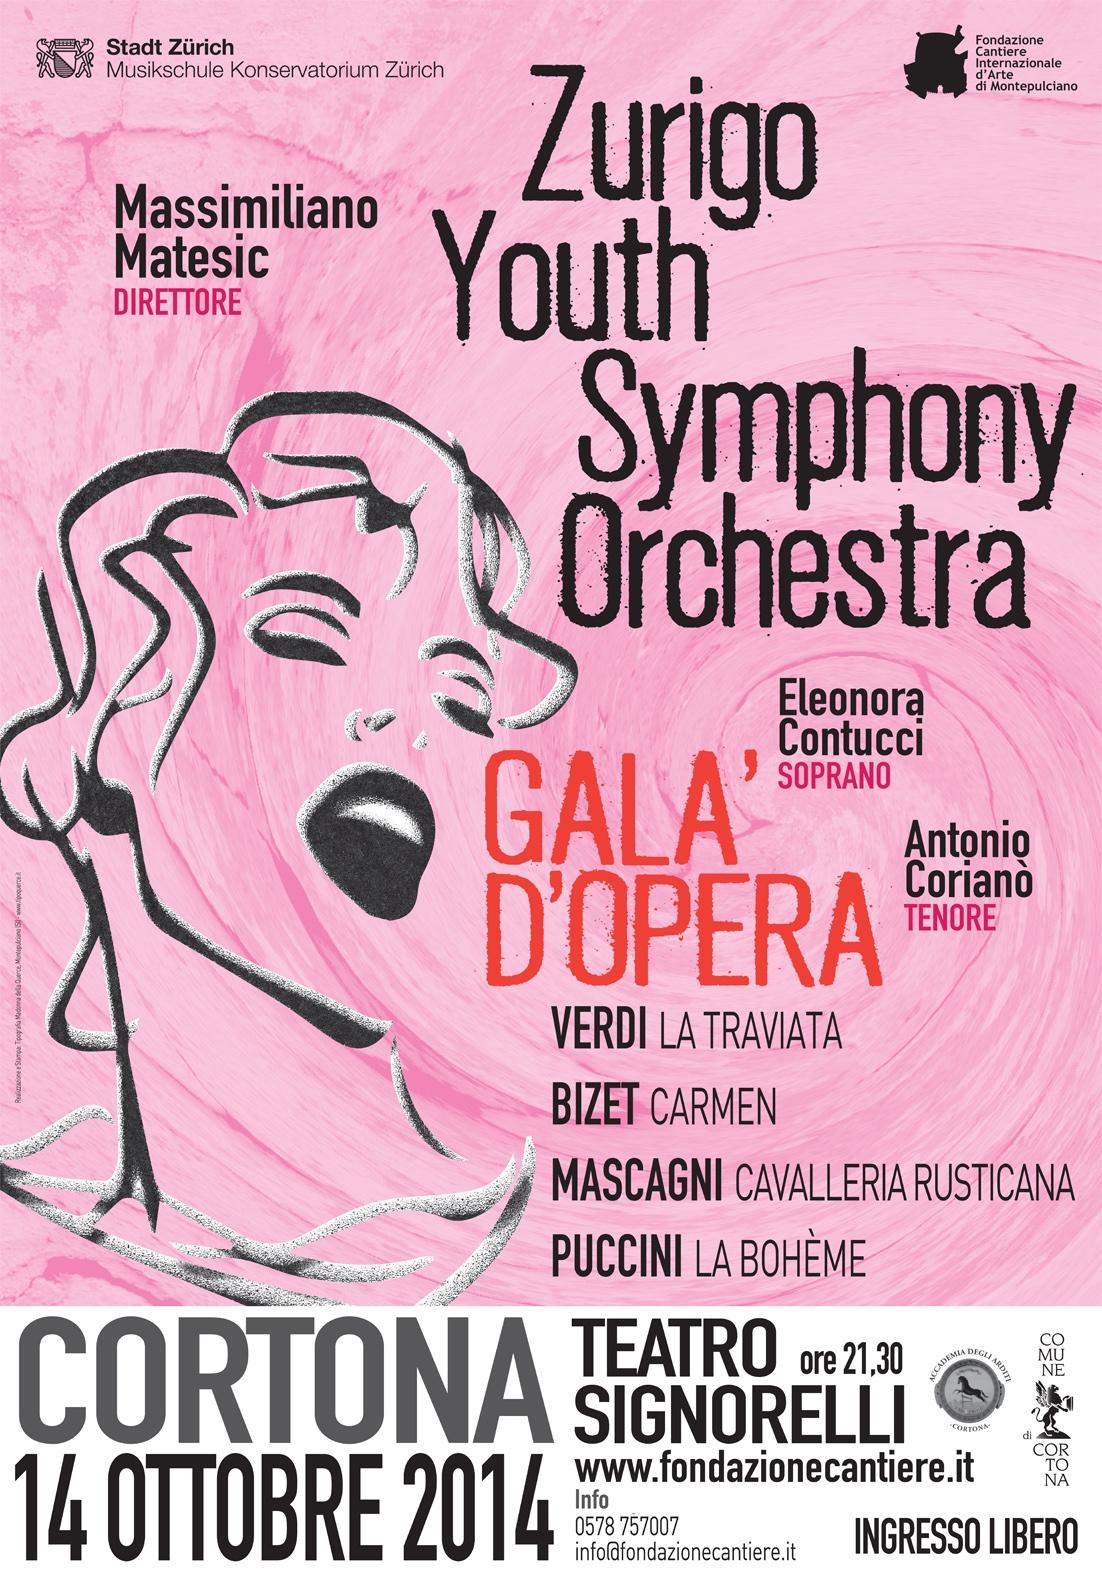 Galà dell'Opera a Cortona con la Zurigo Youth Symphony Orchestra